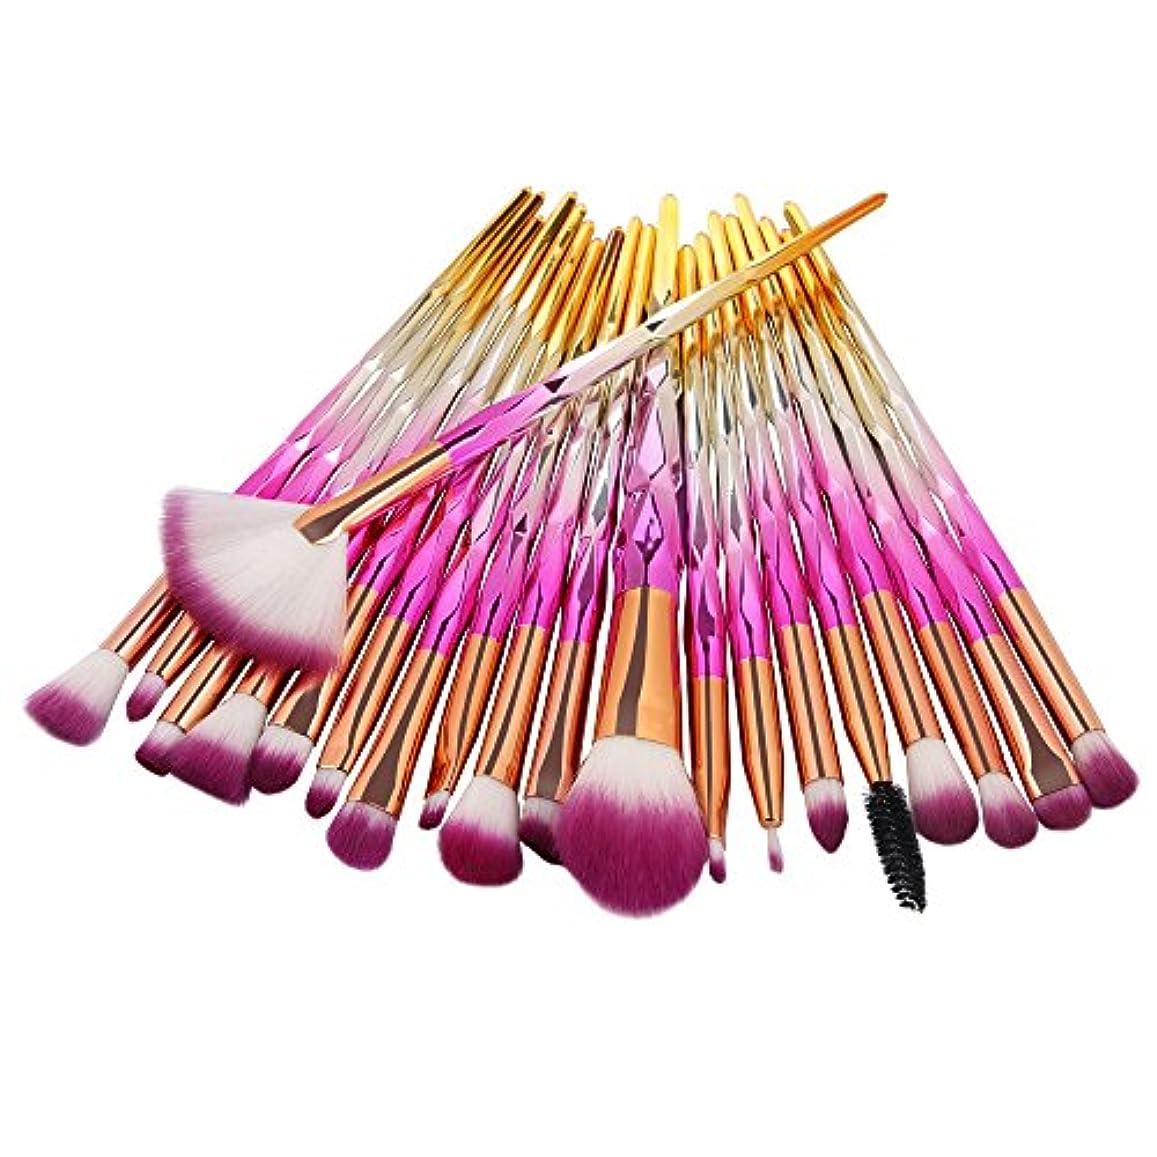 振る舞い不安暴露するFeteso メイクブラシ メイクブラシセット 多色 20 本セット 人気 化粧ブラシ ふわふわ 敏感肌適用 メイク道具 プレゼント アイシャドウ アイライナー Makeup Brushes Set